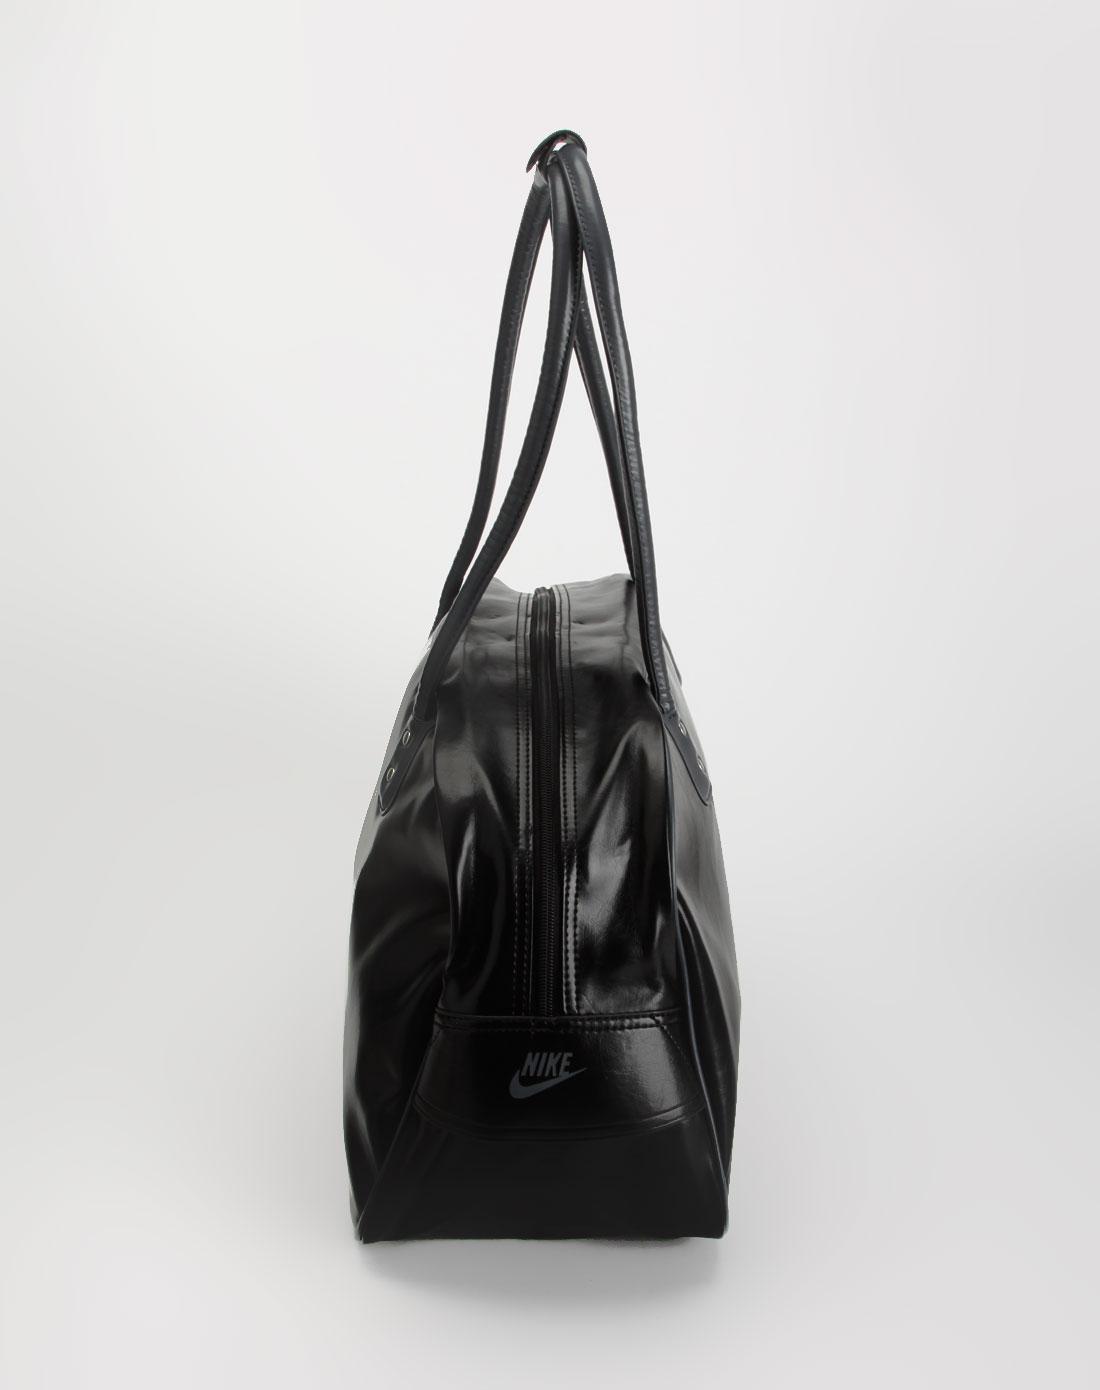 耐克nike-包包都市生活黑色手袋